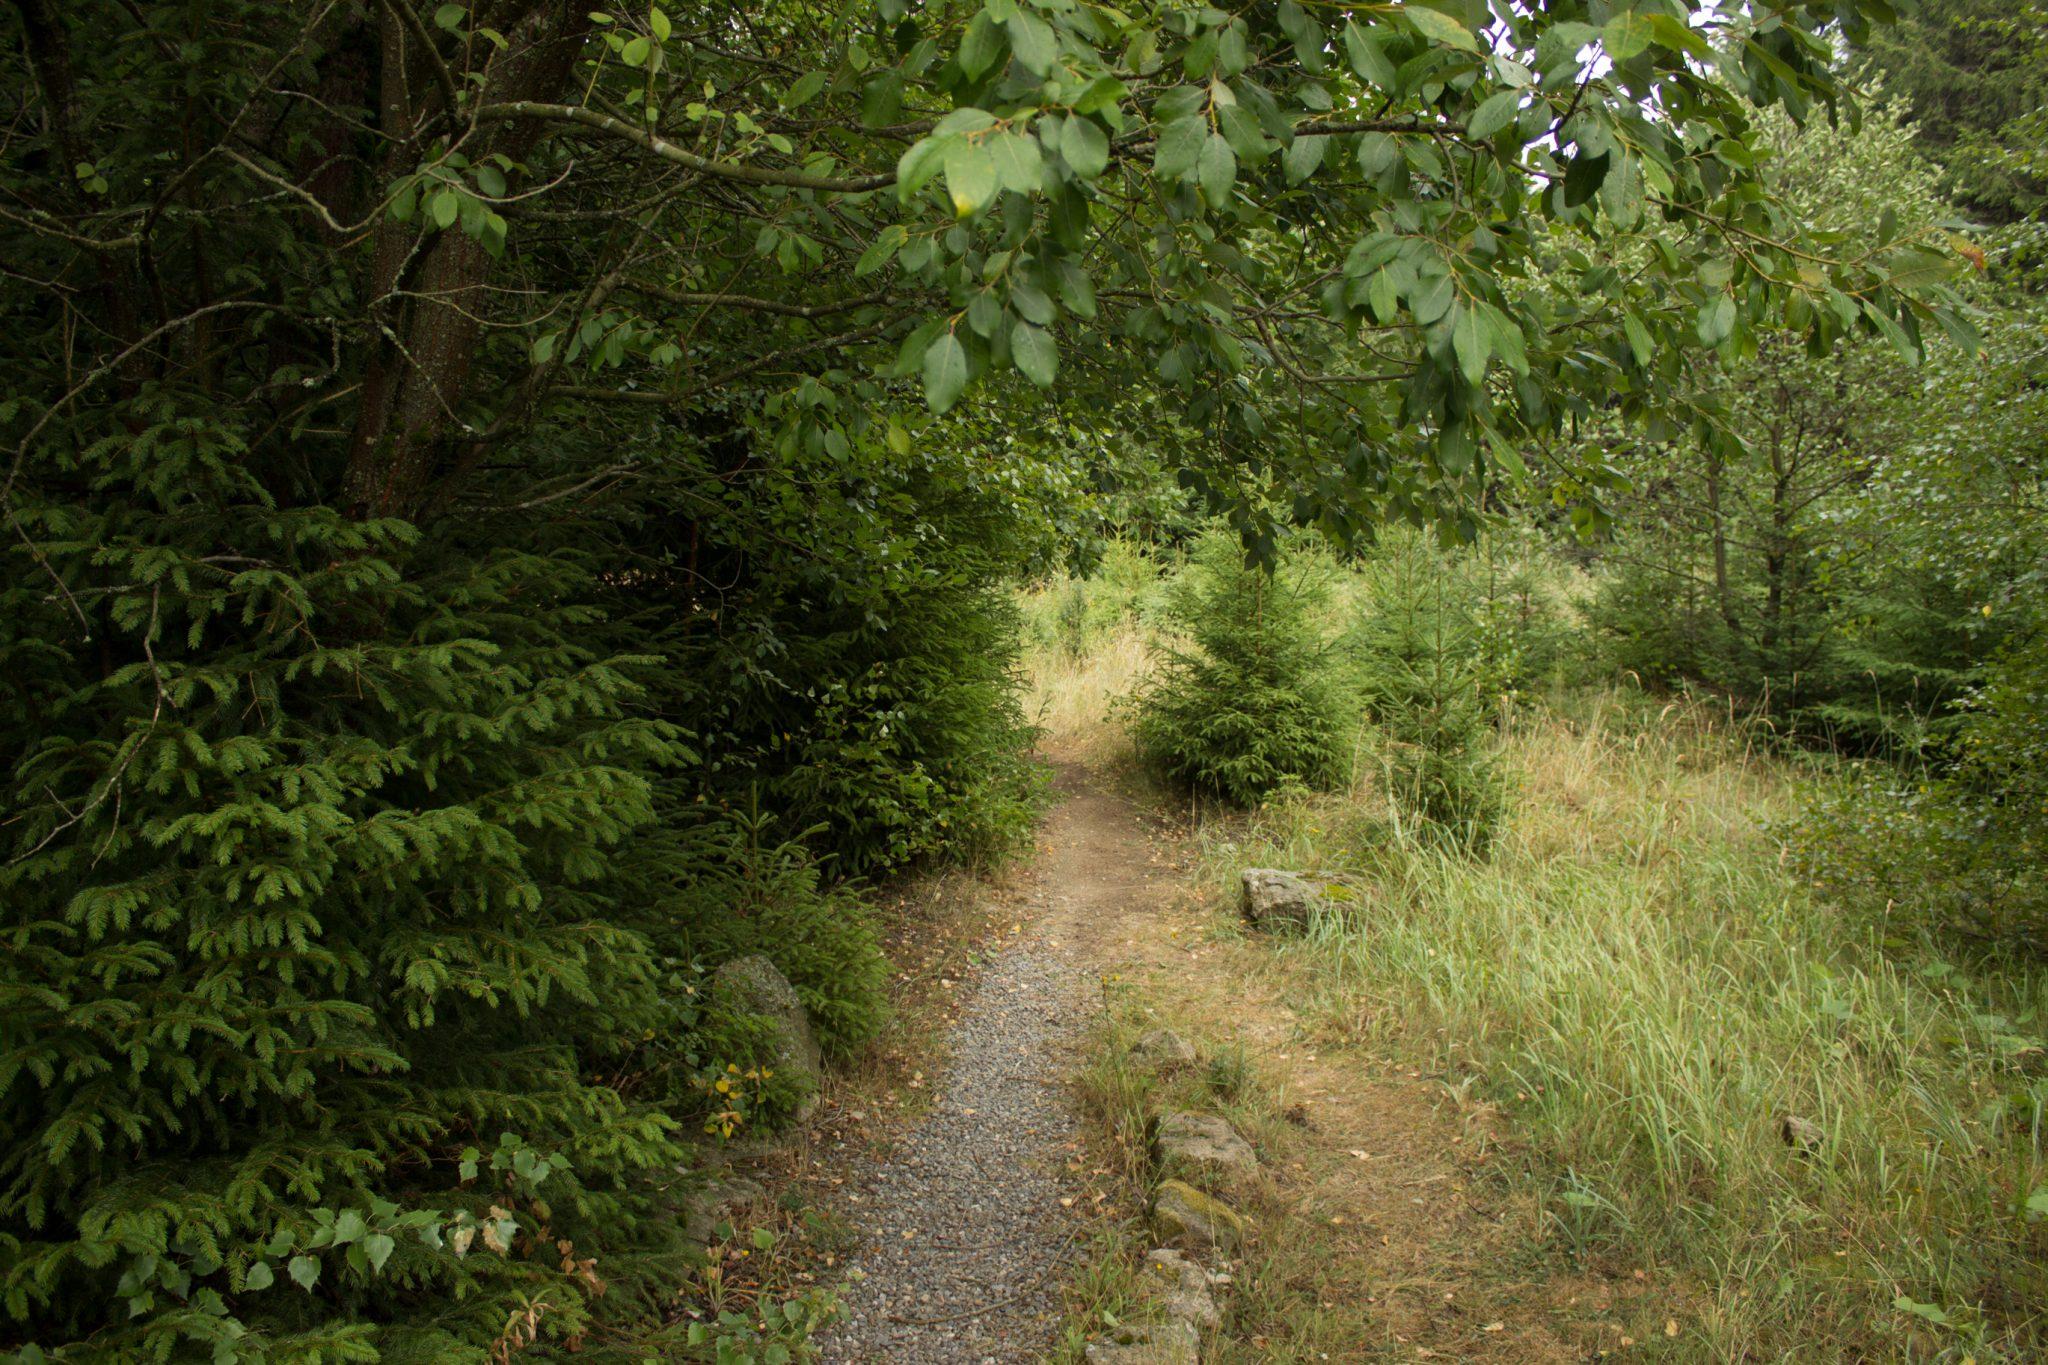 Wanderung Brocken über Heinrich-Heine-Weg Start in Ilsenburg, Nationalpark Harz, schmaler schöner Pfad zum Scharfenstein